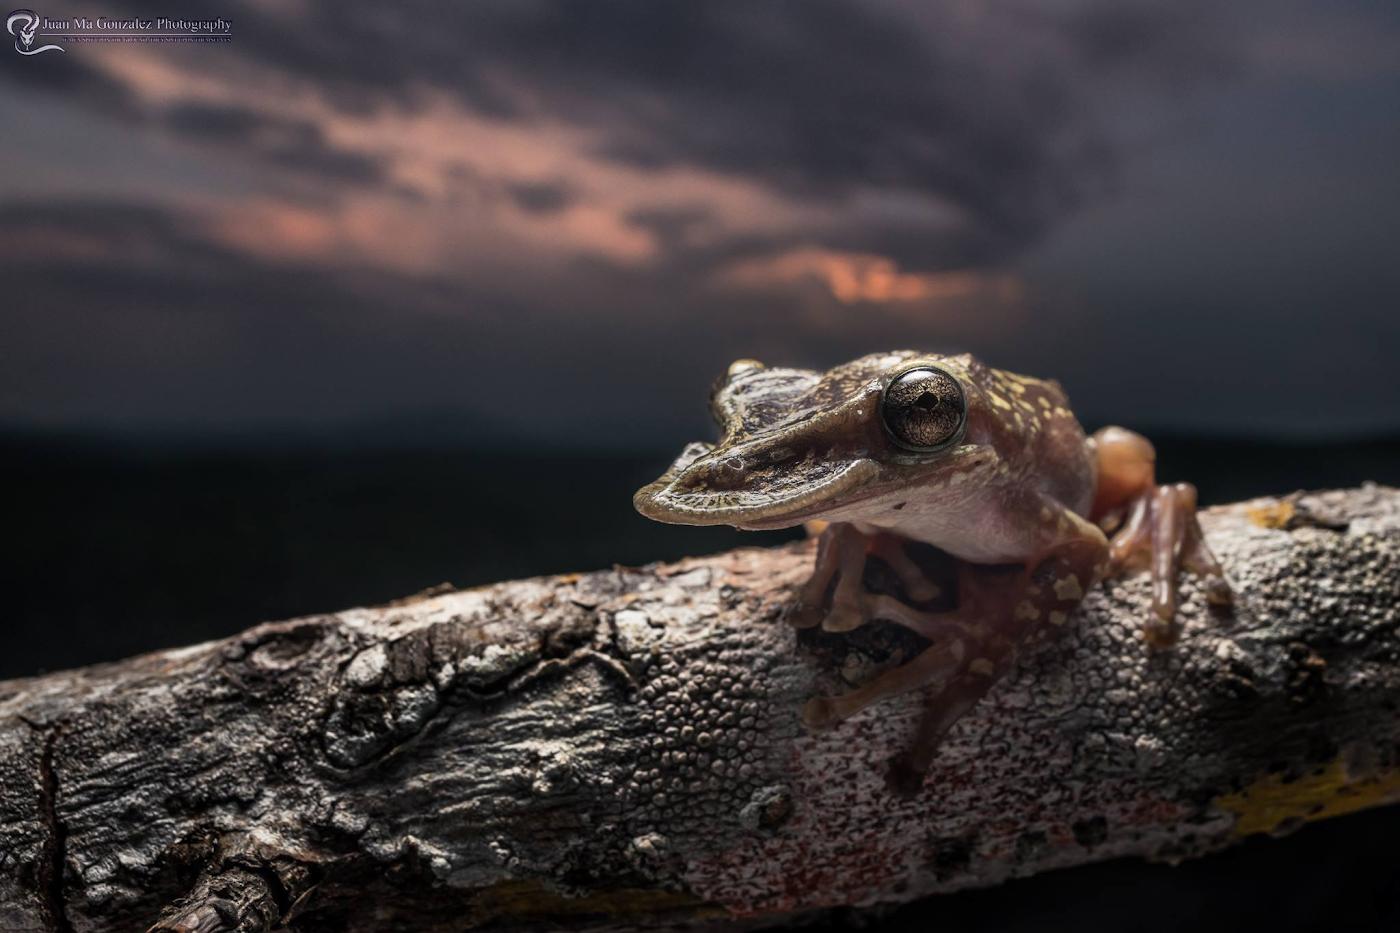 31. Лягушка Triprion pululatus, относящаяся к семейству квакш. Эндемик Мексики. Пример макросъемки на Laowa 15mm f4 1:1 Macro и тушку Nikon D5600.